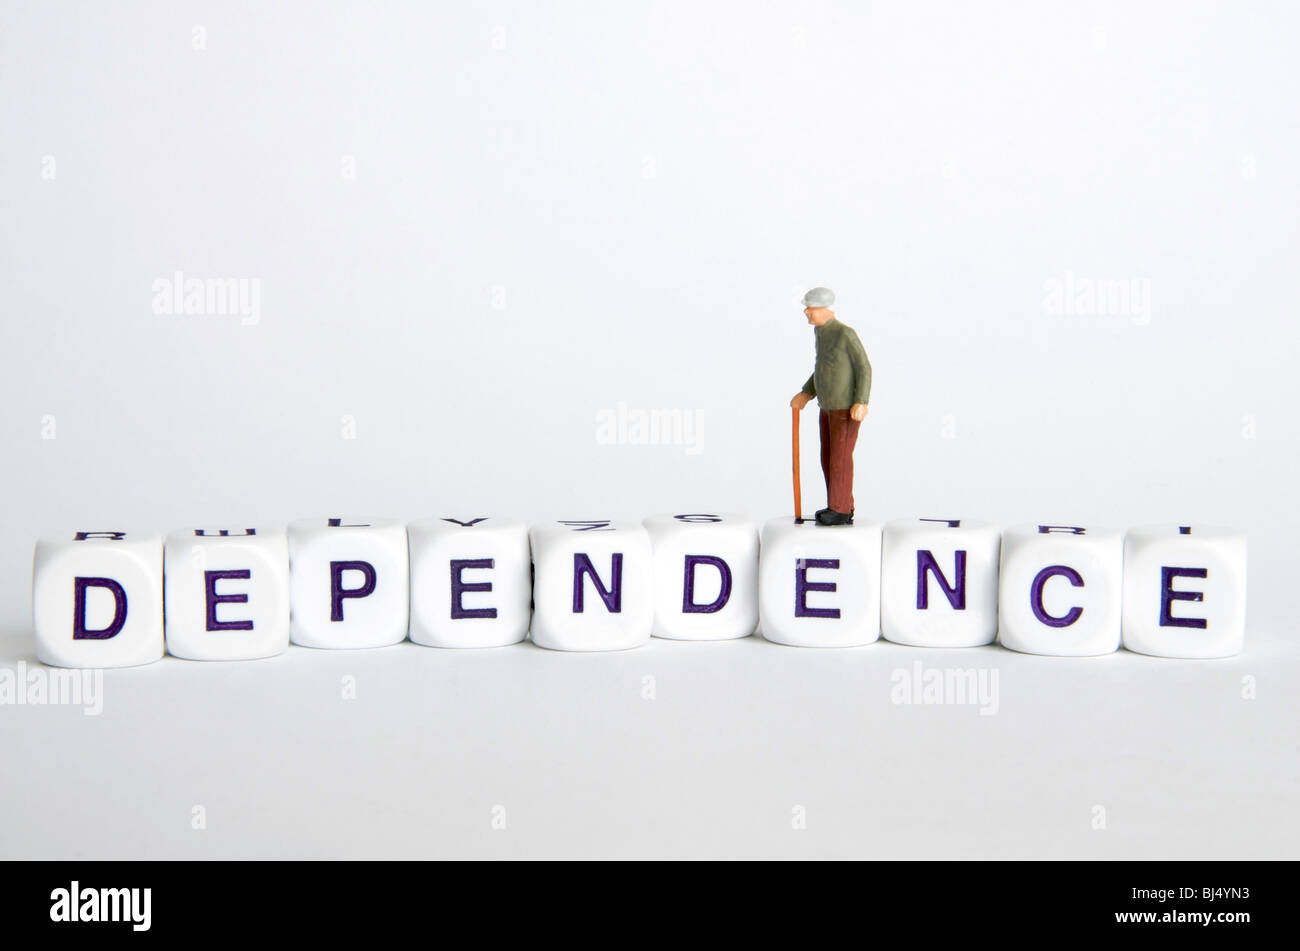 """Ancianos dependencia / independencia - viejo concepto figura de pie en la palabra """"dependencia"""". Imagen De Stock"""